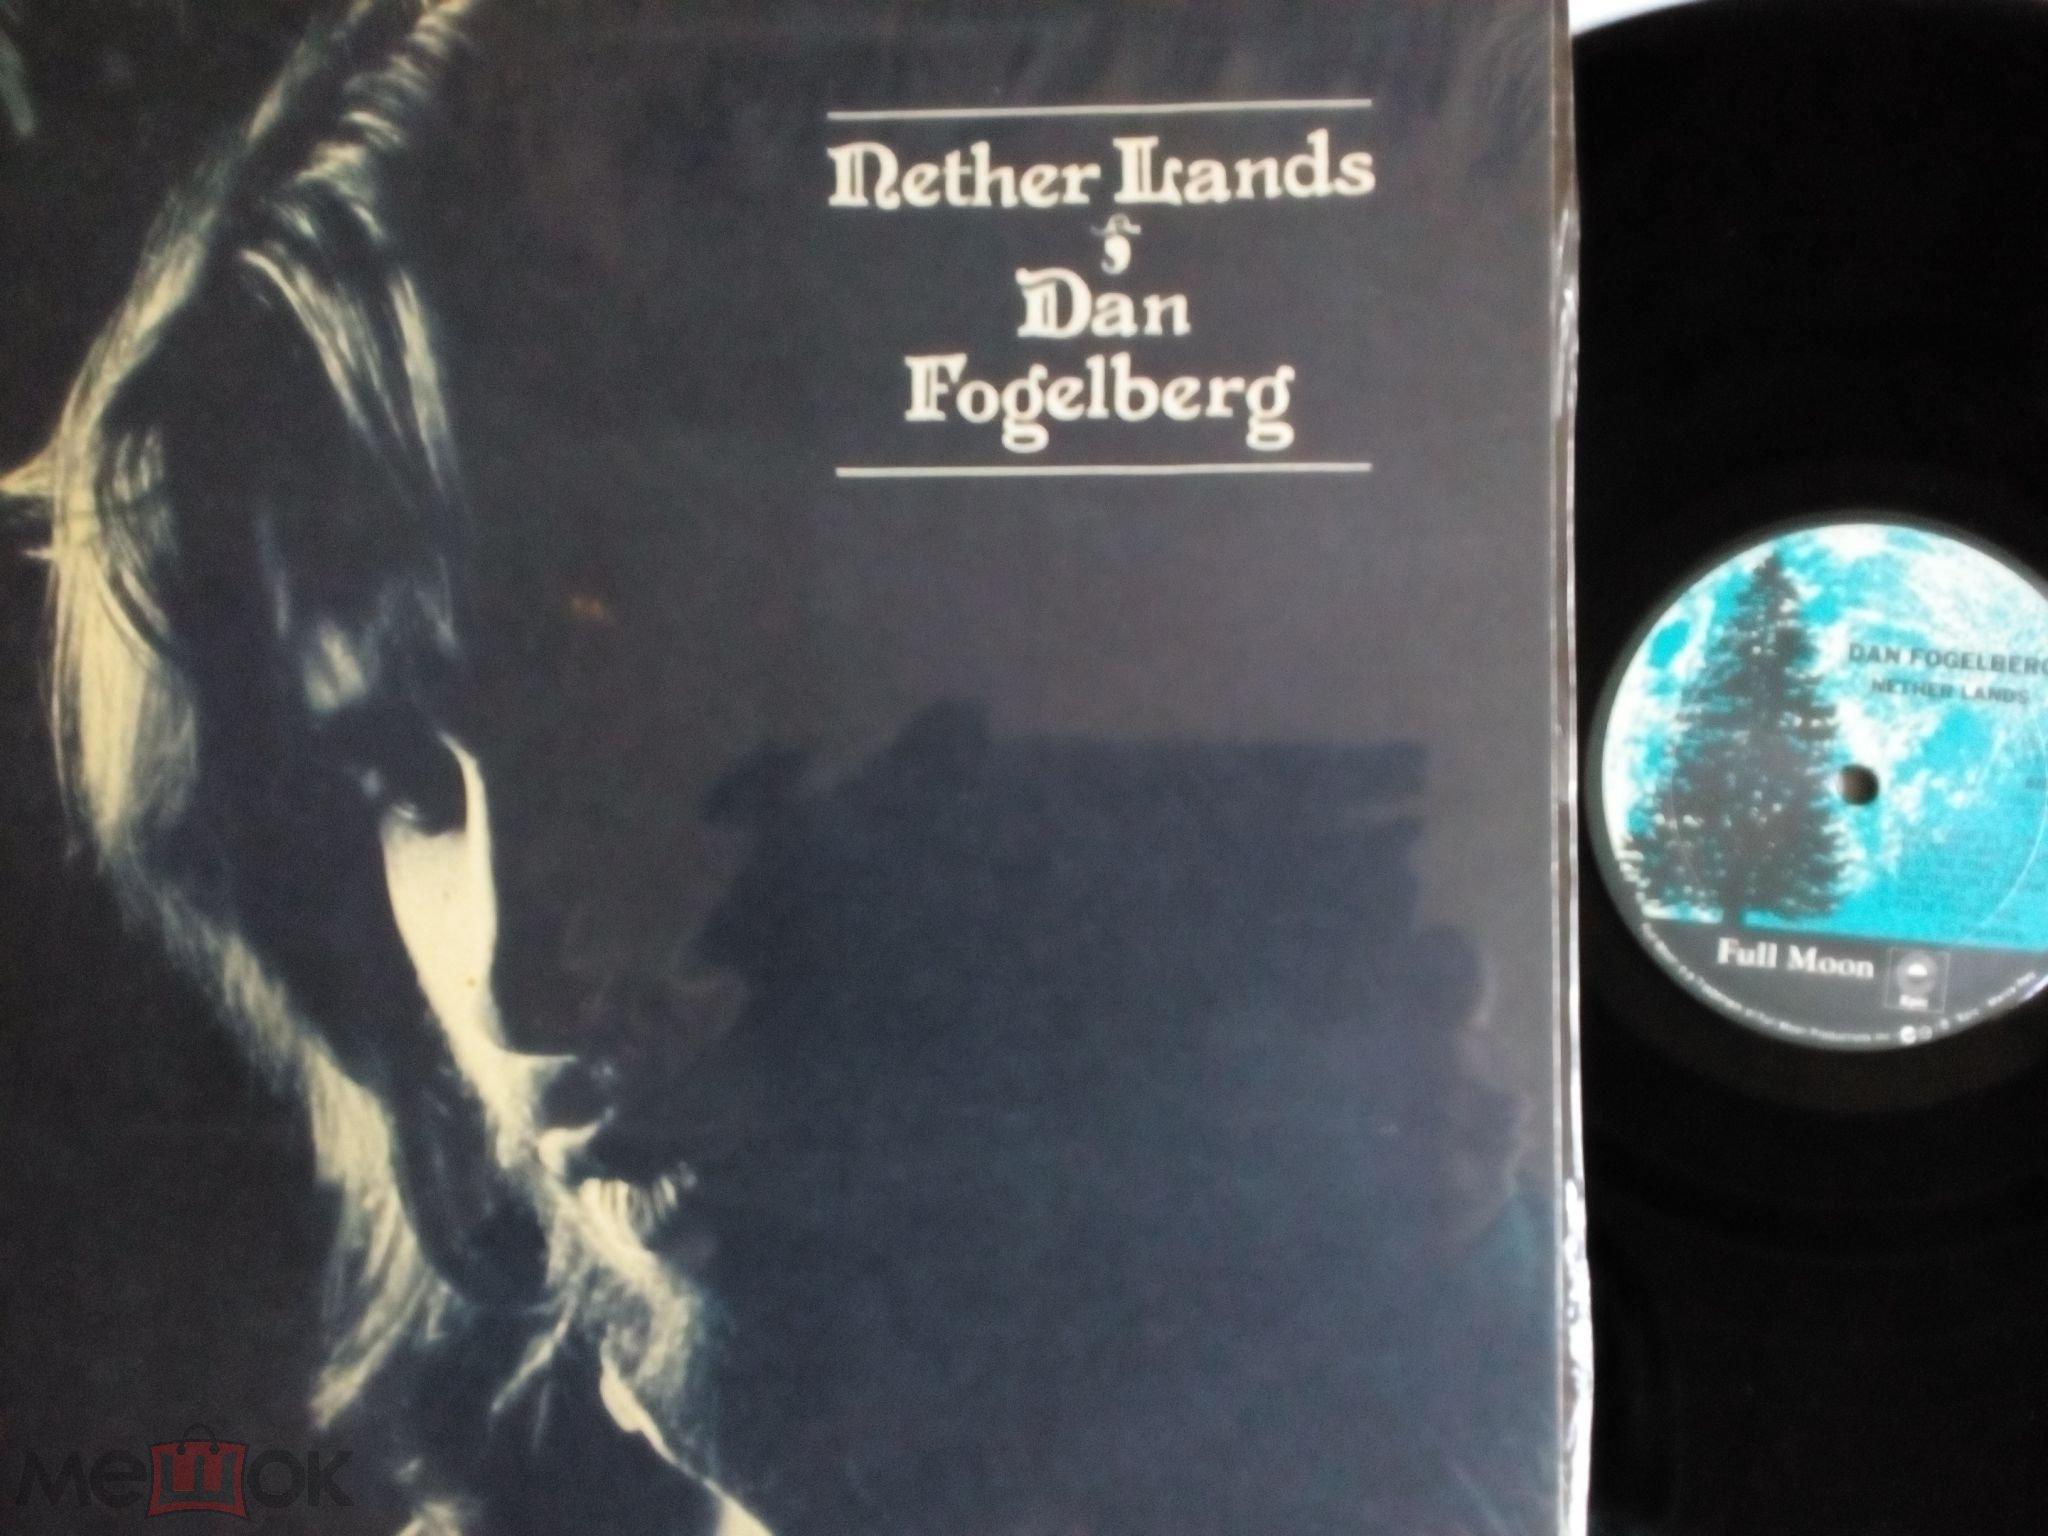 DAN FOGELBERG  NETHER LANDS EPIC PE 34185  NM USA 1977 г альбомный с вкладкой чистейший